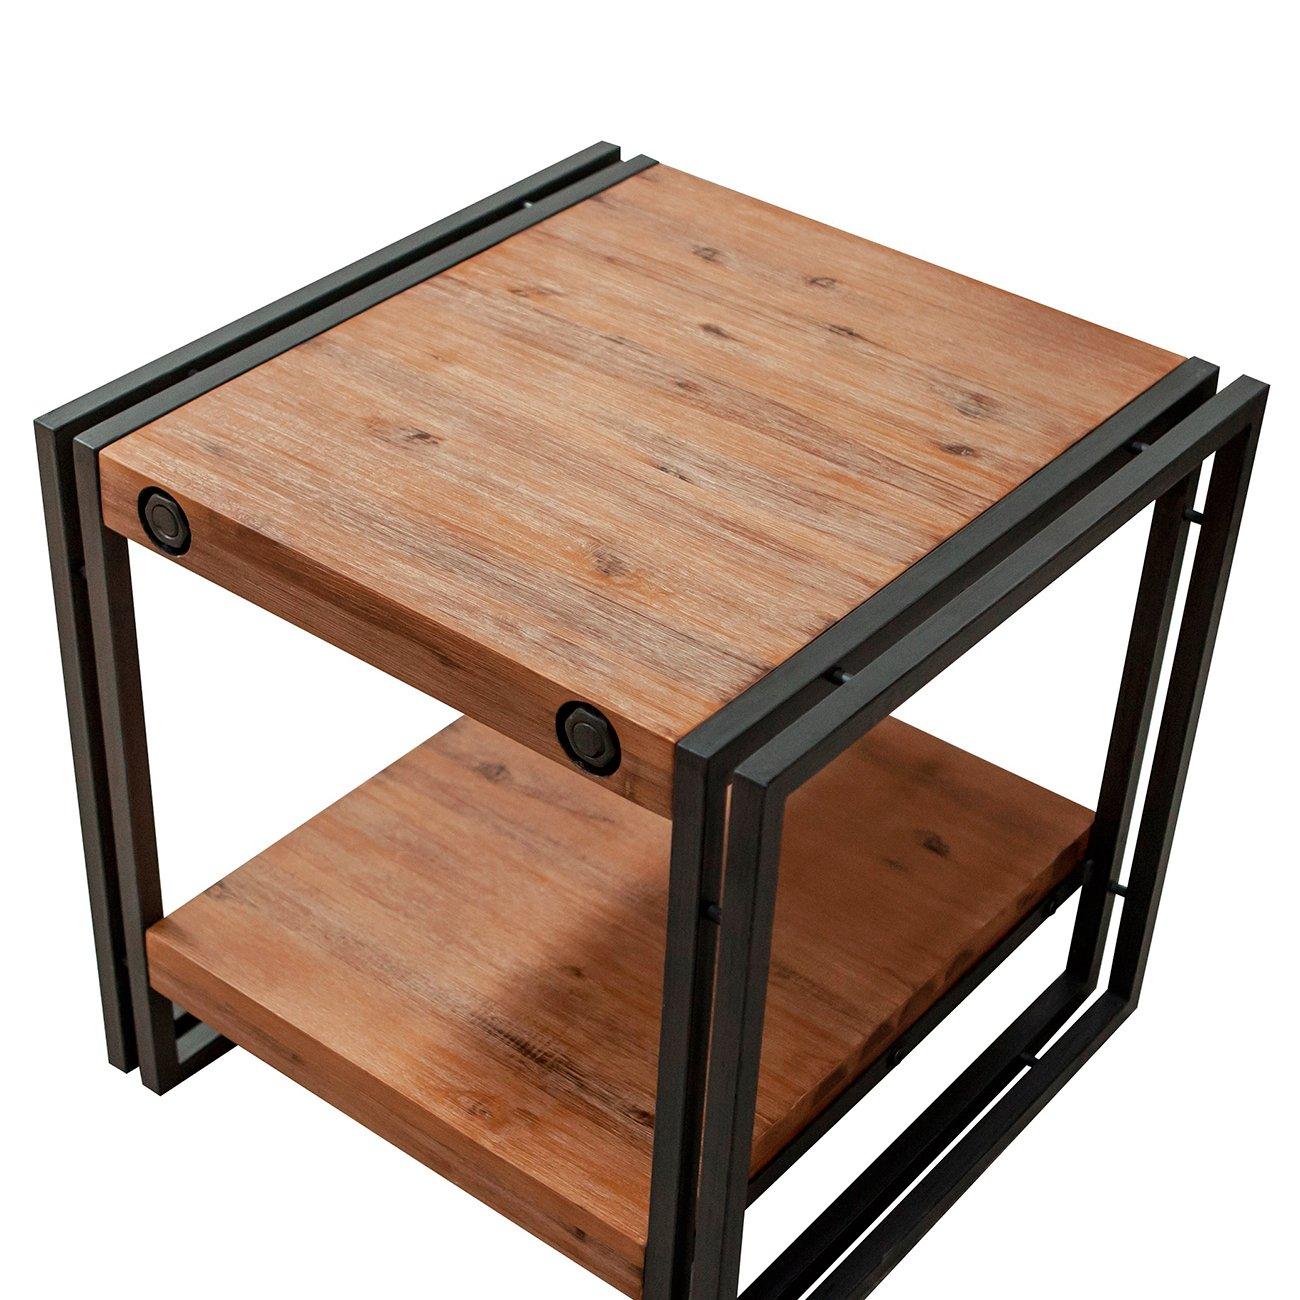 Table d'appoint - bout de canapé style industriel en bois d'acacia massif et métal – Collection Workshop